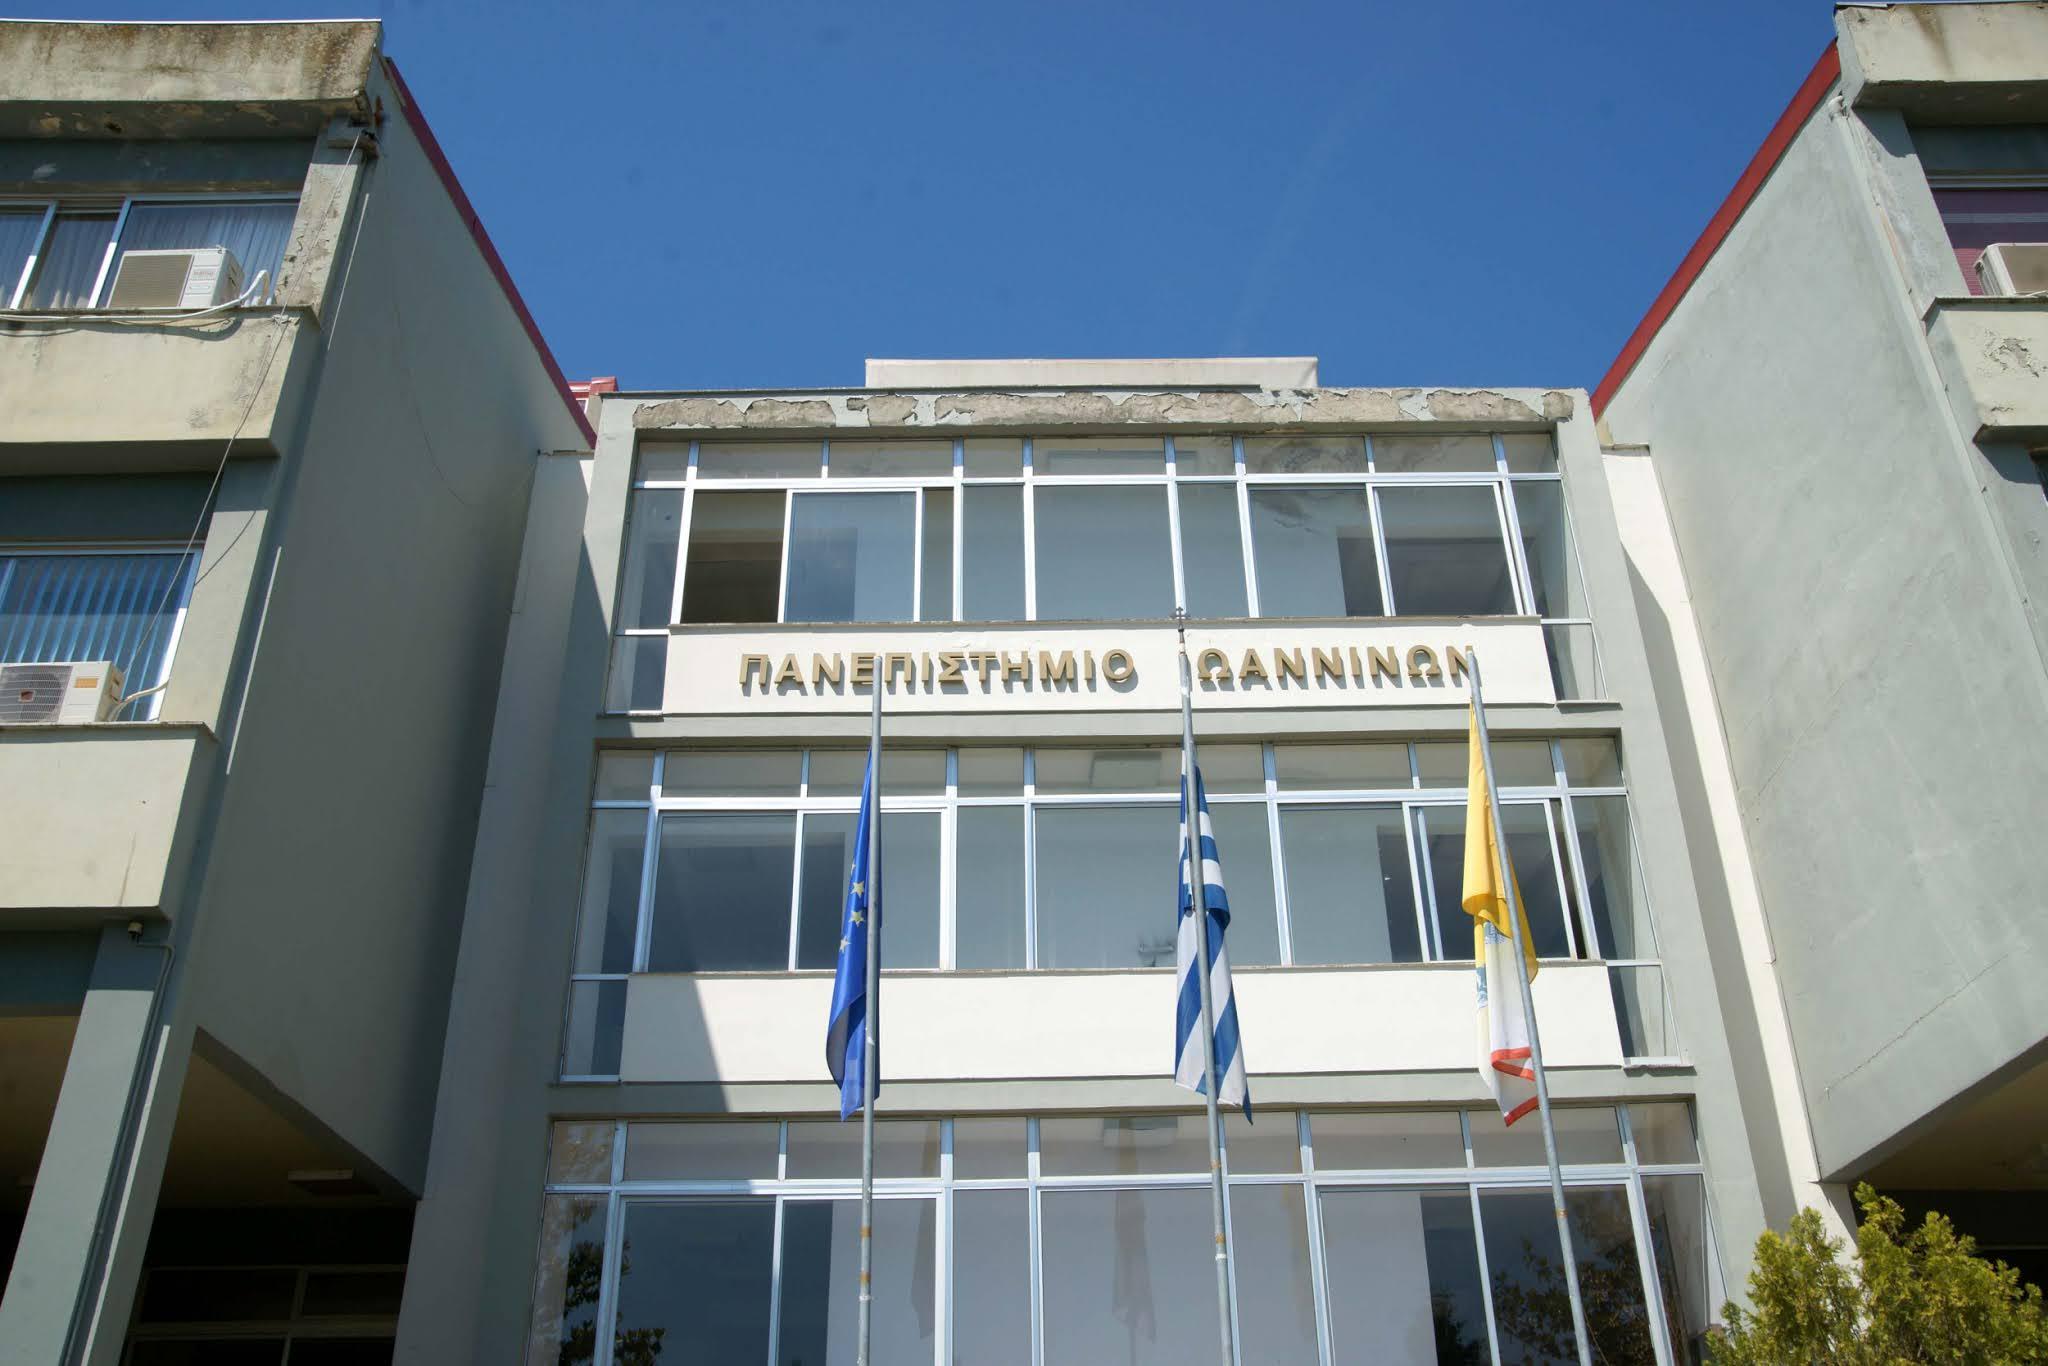 Πανεπιστήμιο Ιωαννίνων:Διαδικτυακά η εορταστική εκδήλωση των Τριών Ιεραρχών